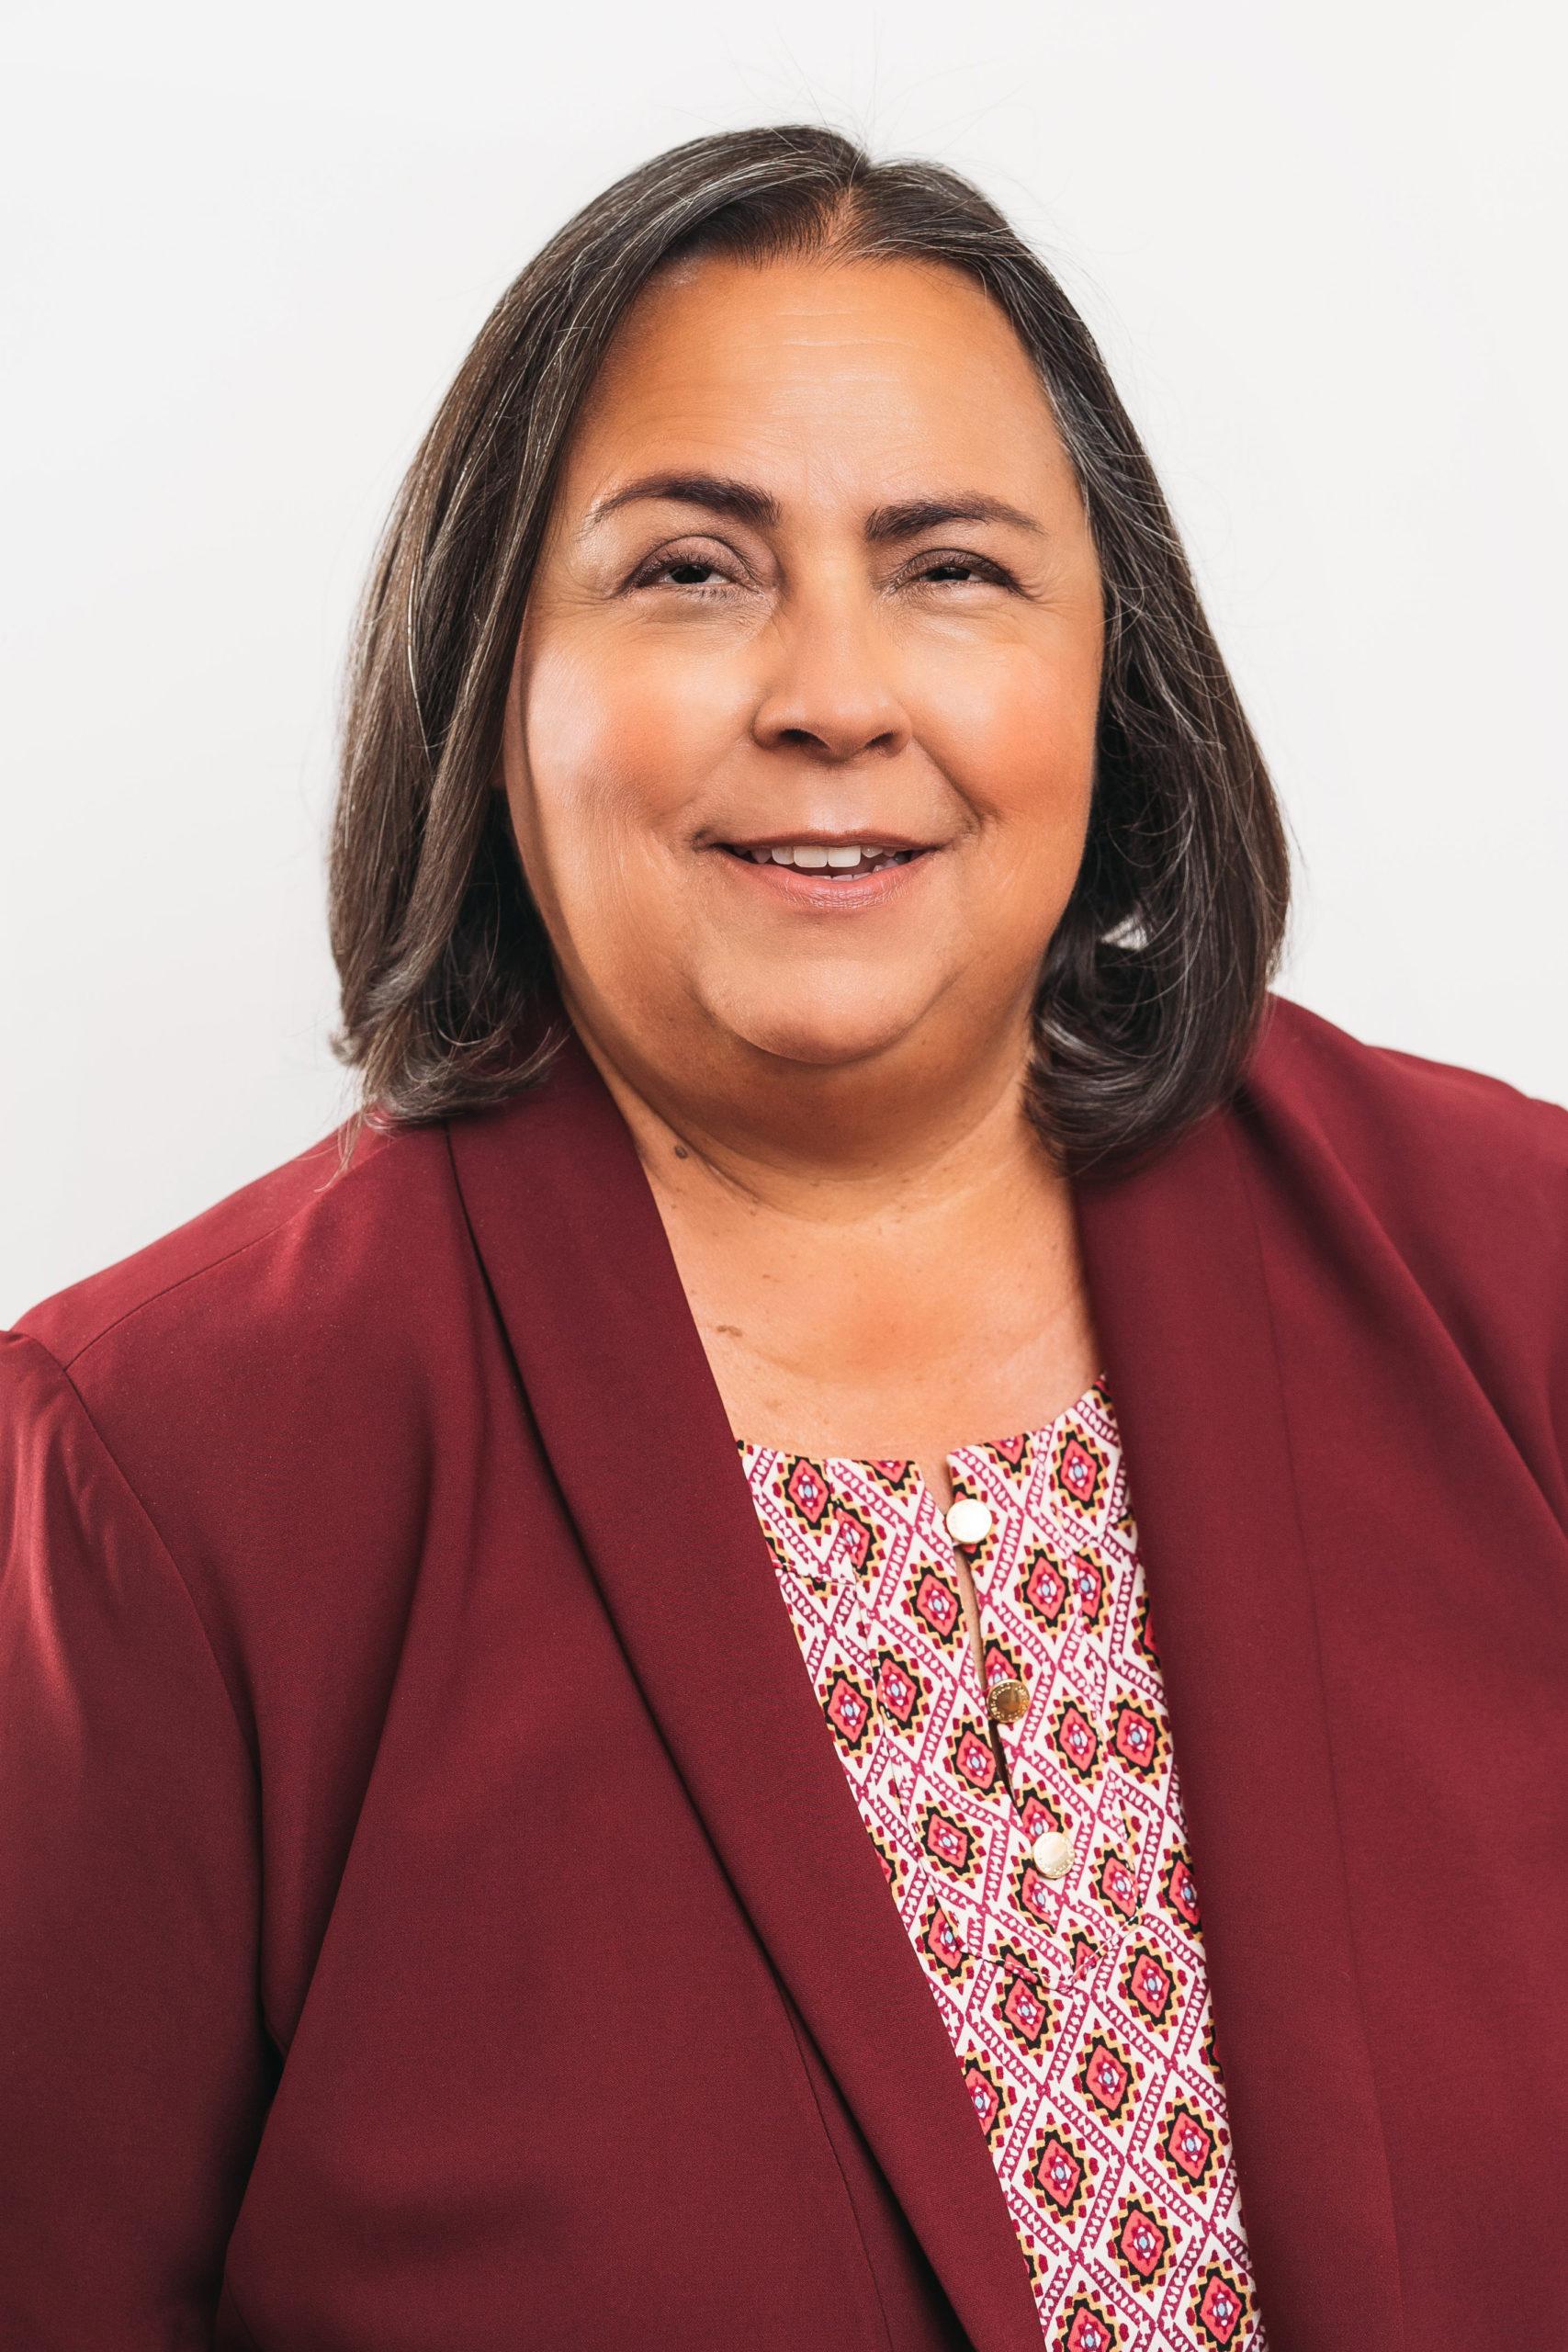 Headshot of Kathy Martinez